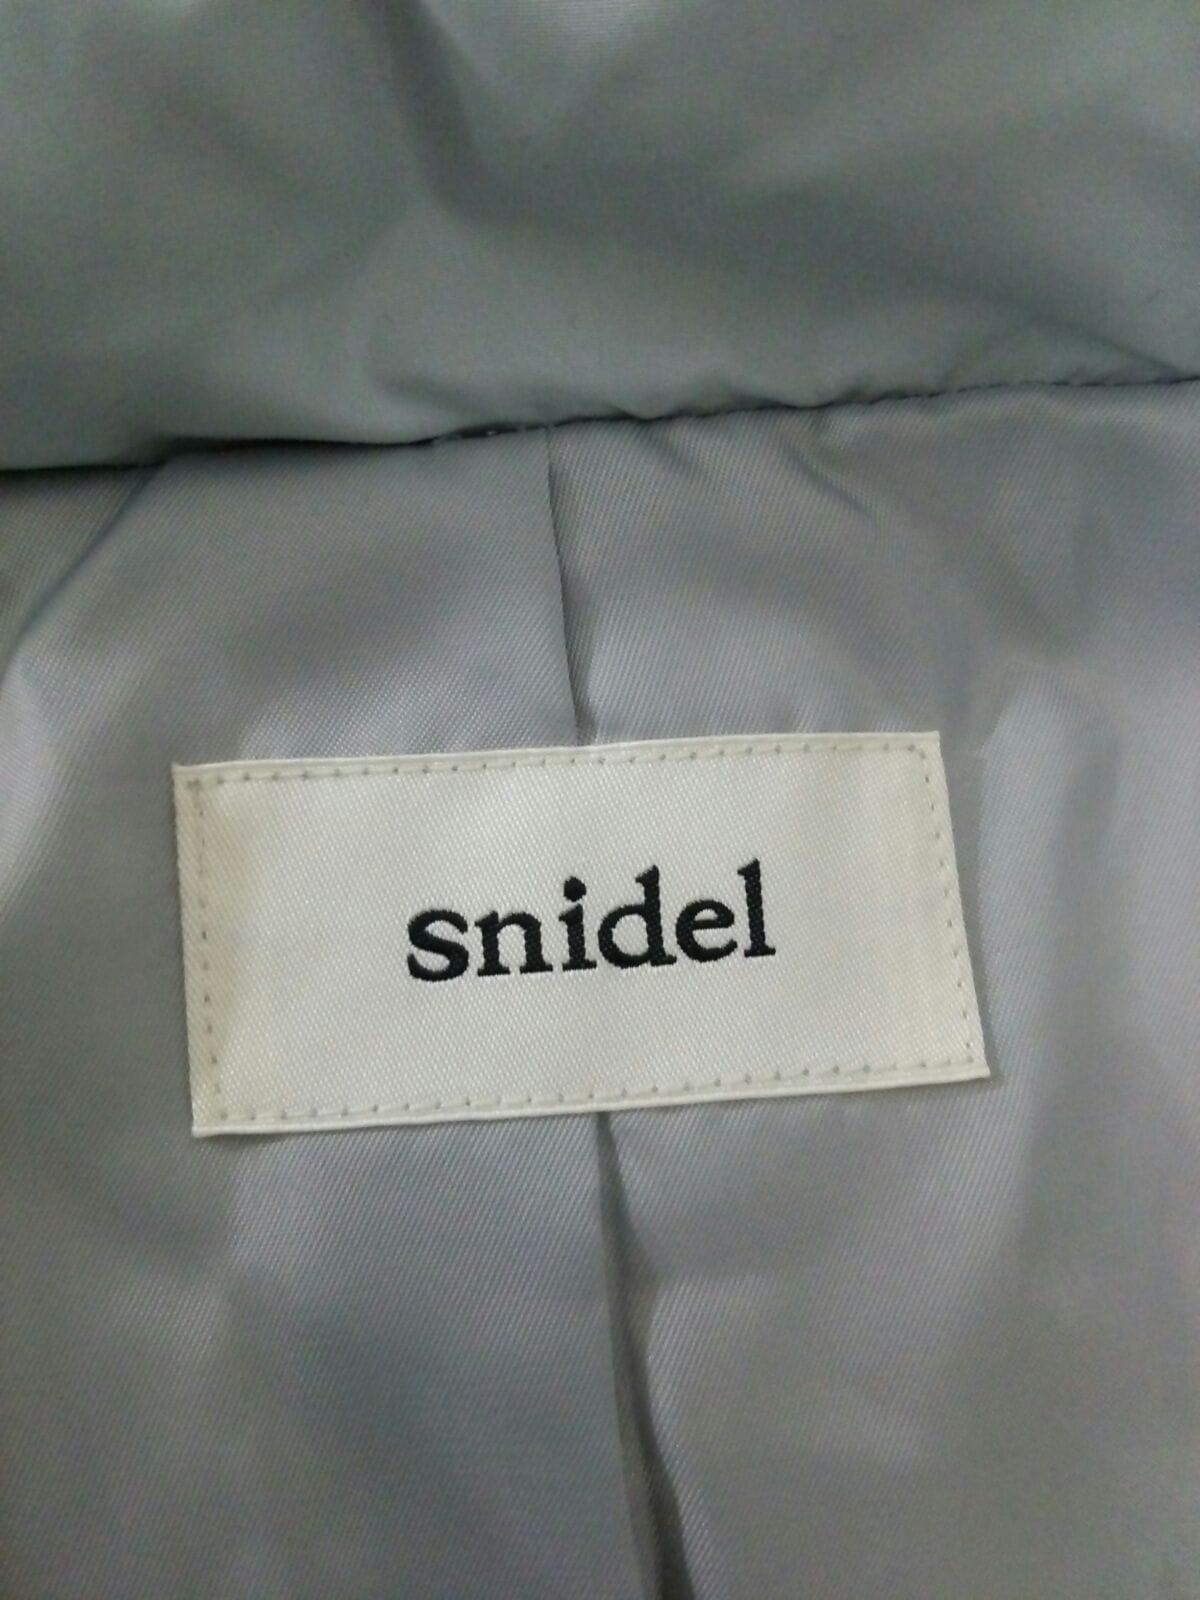 snidel(スナイデル)のダウンジャケット